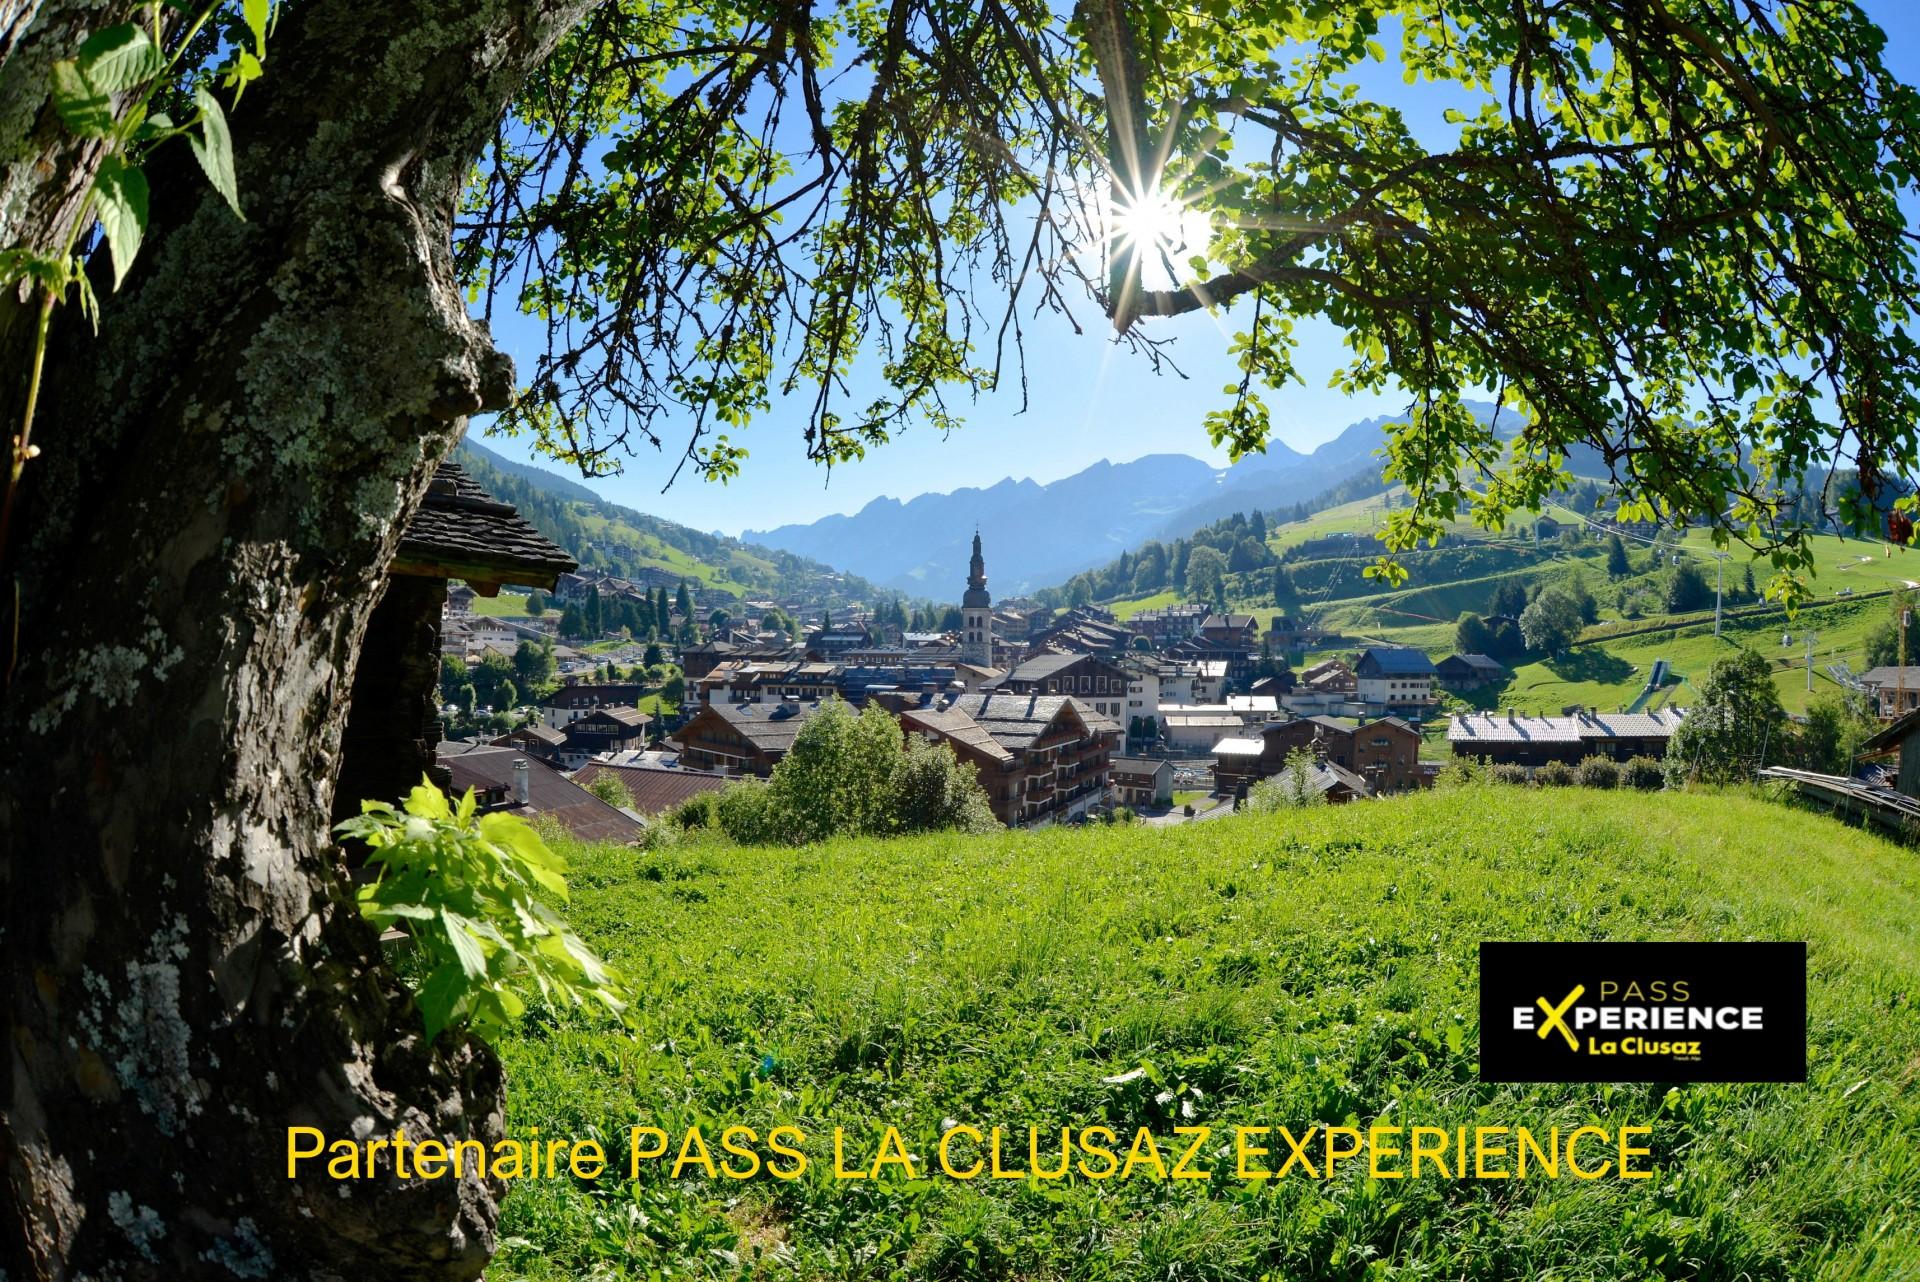 village-ete-pass-349